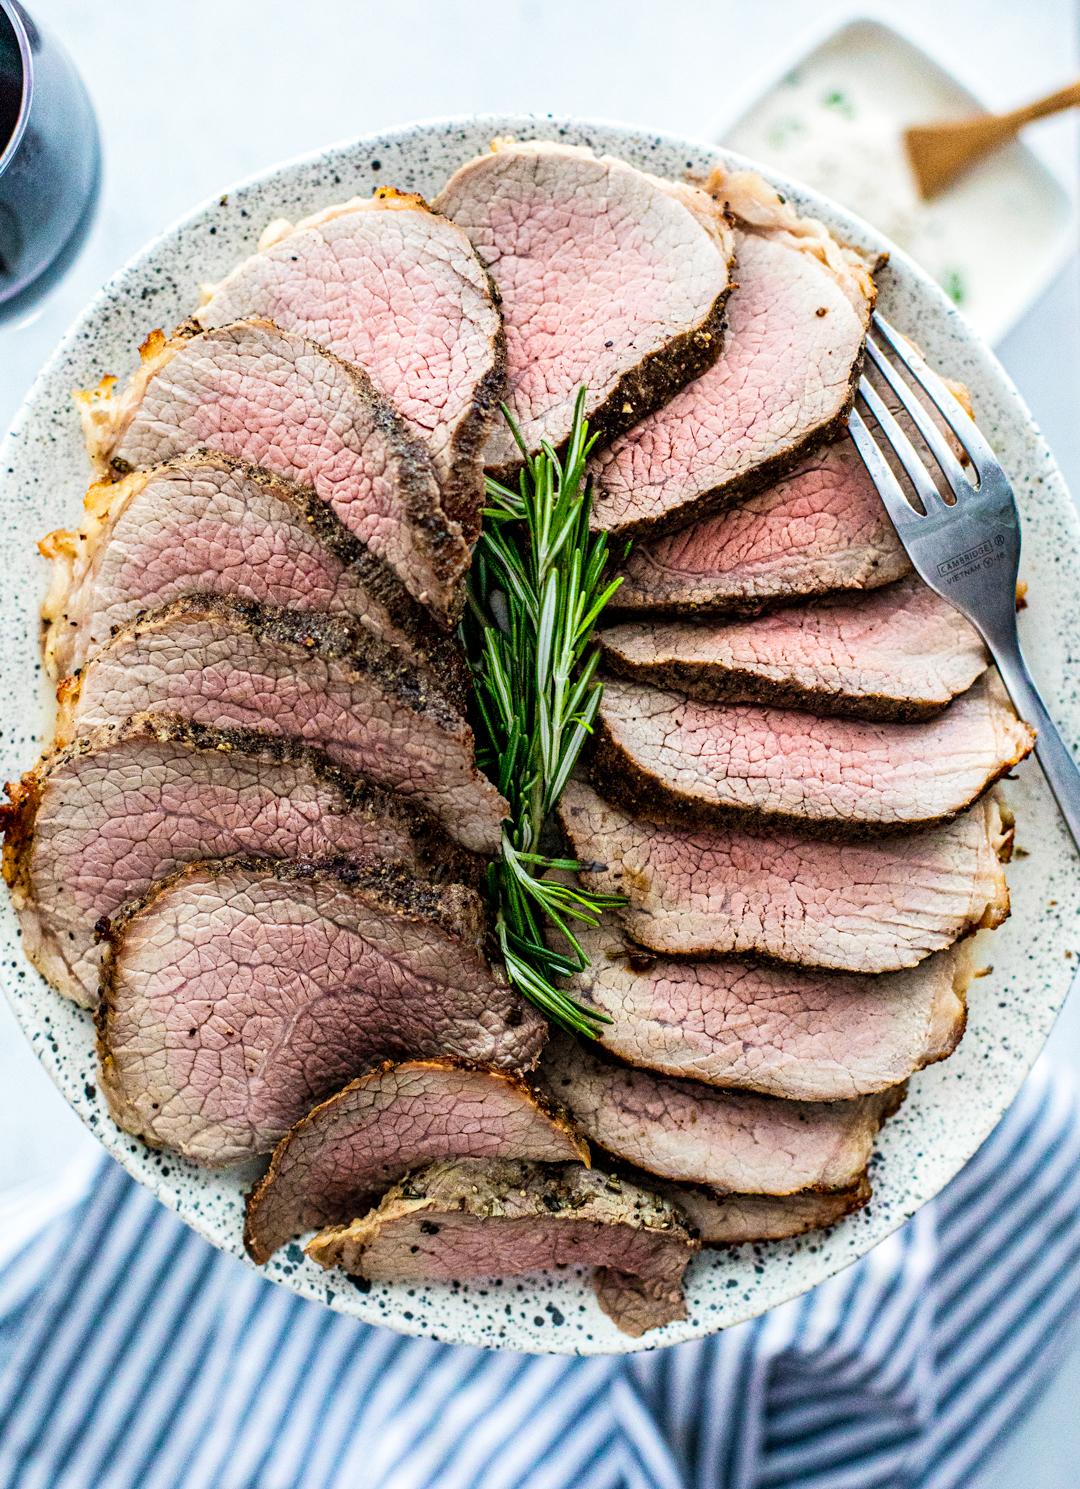 Close up of serving platter full of sliced medium rare roast.